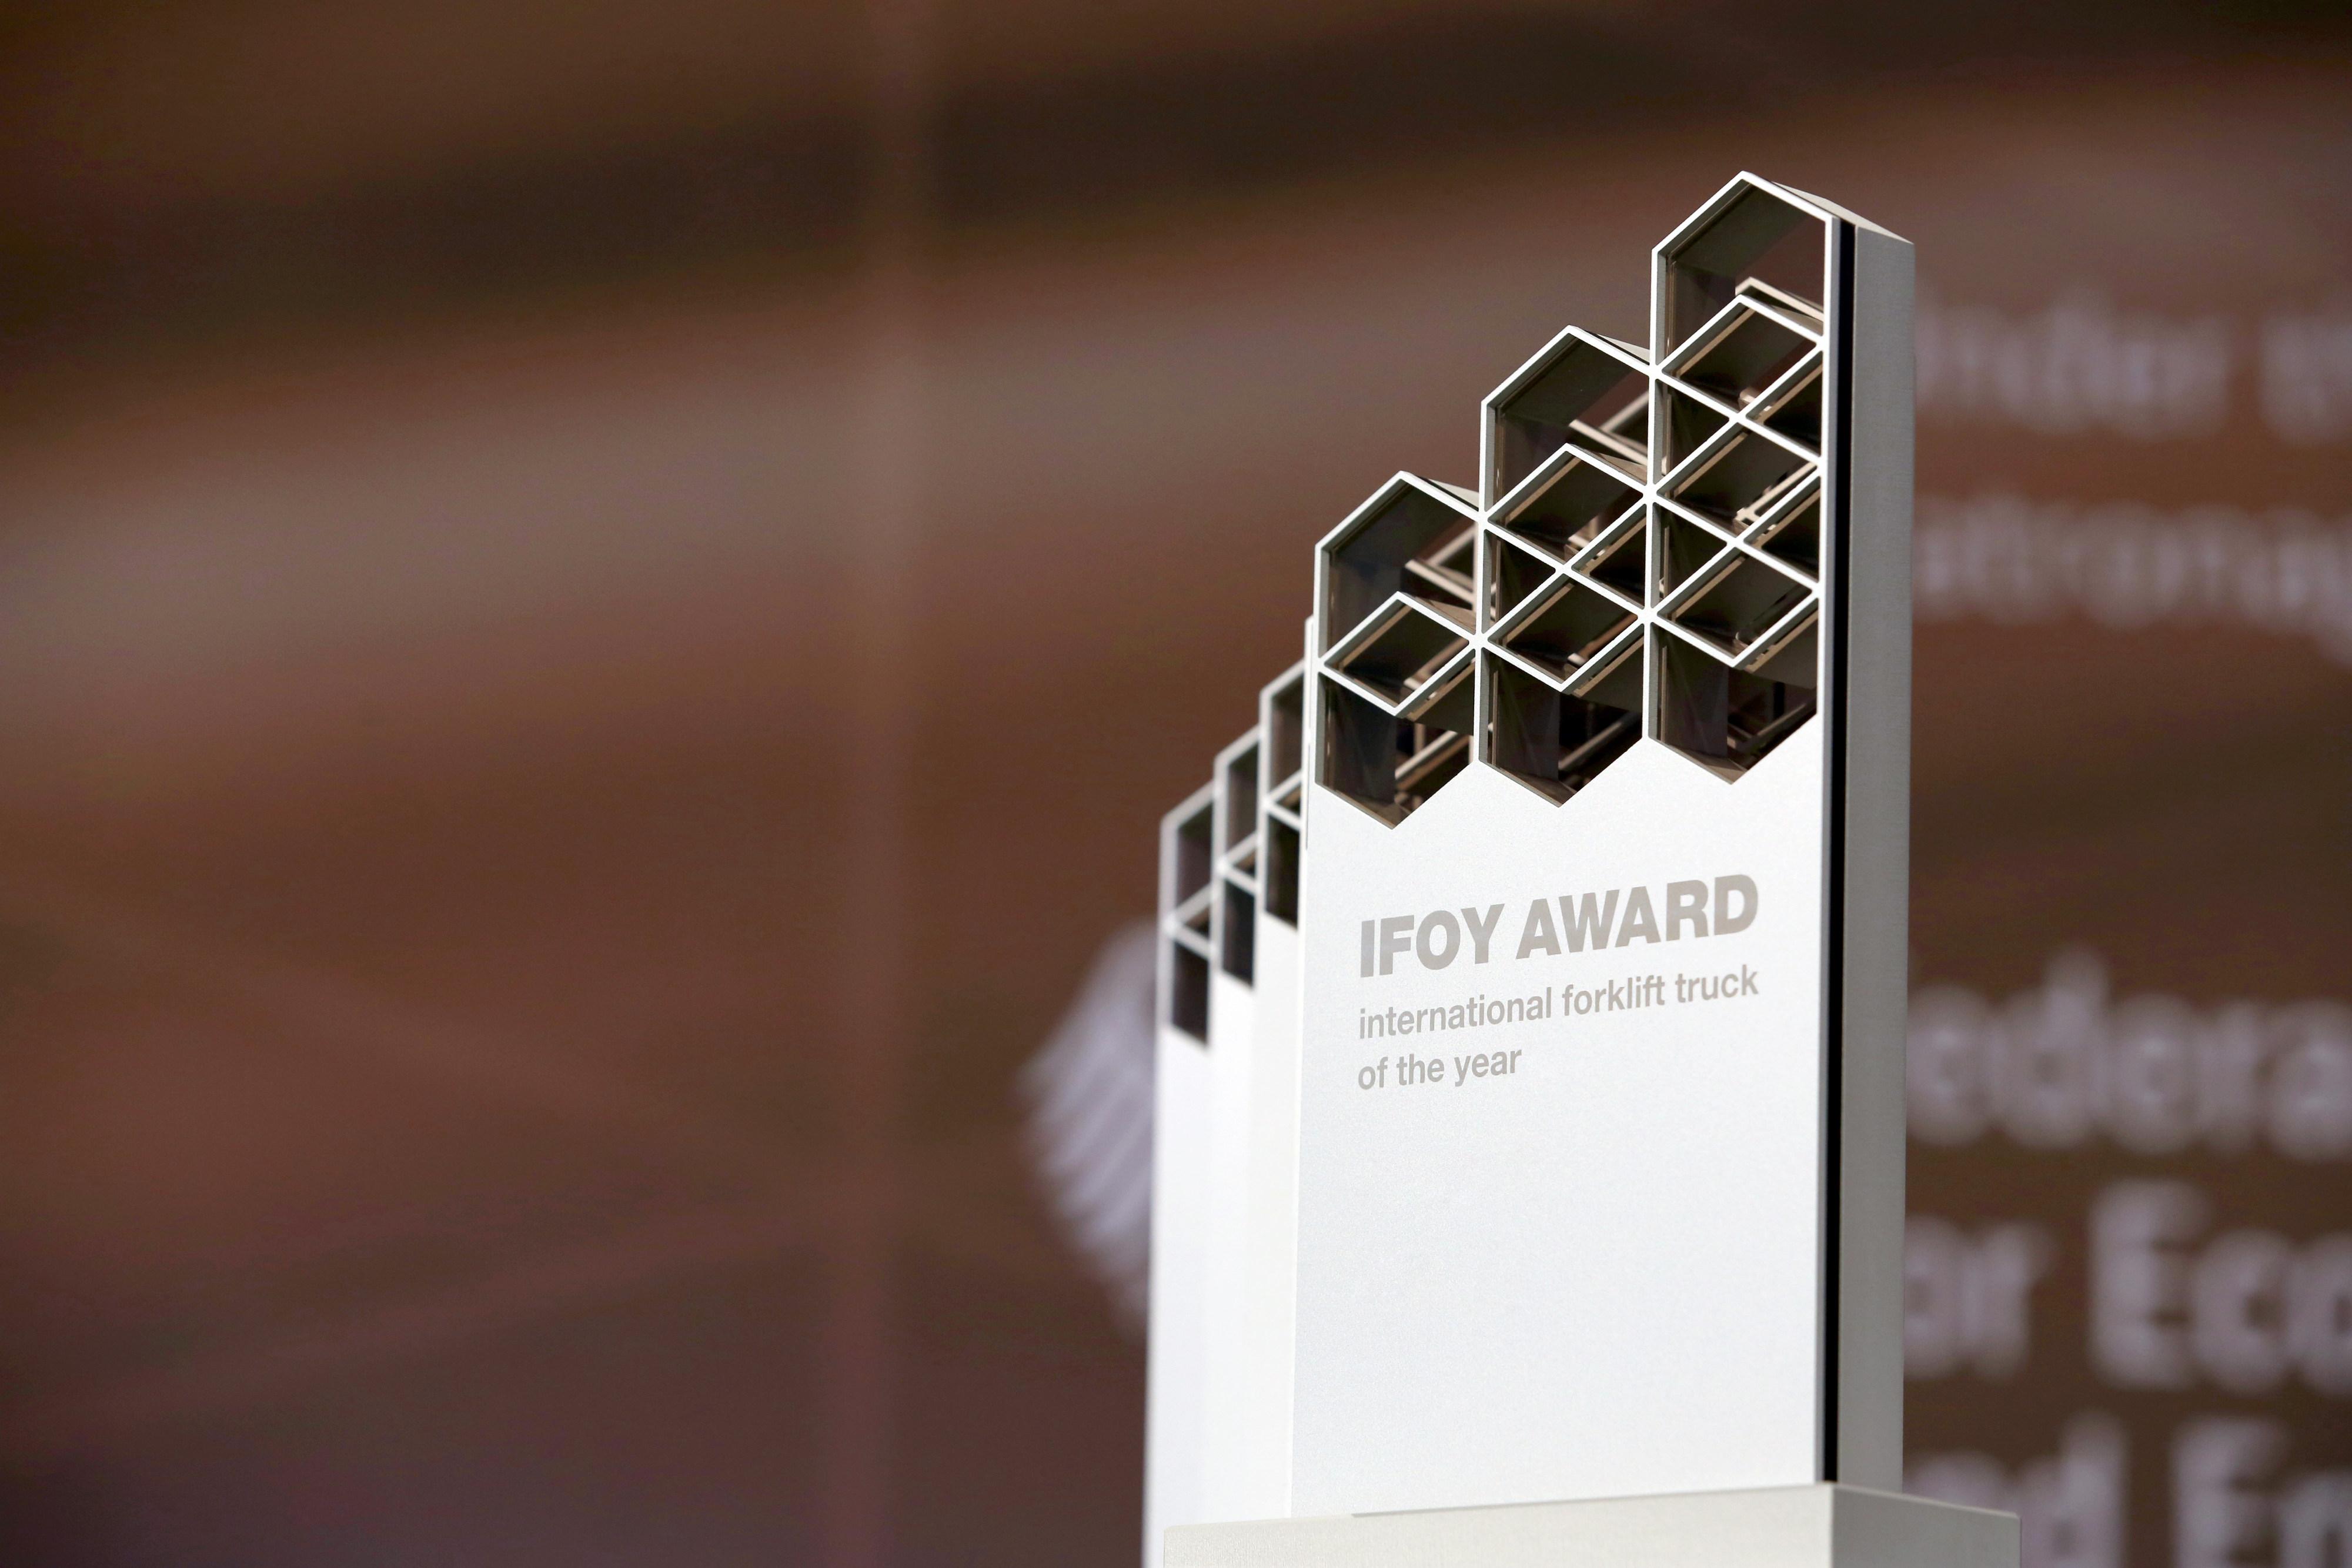 Finalisten für den IFOY AWARD 2017 stehen fest